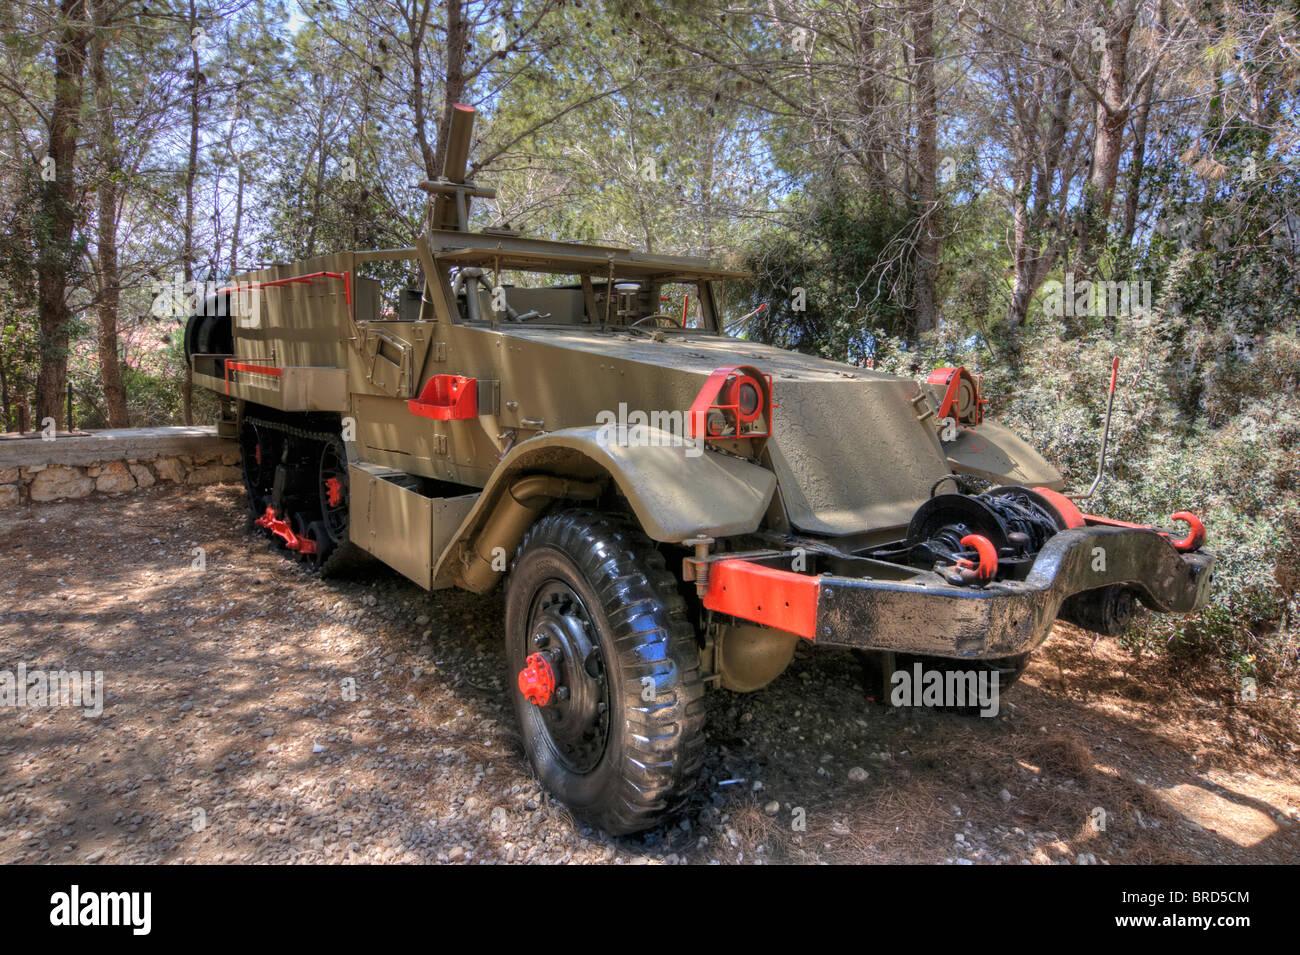 120mm Mortar Stock Photos & 120mm Mortar Stock Images - Alamy